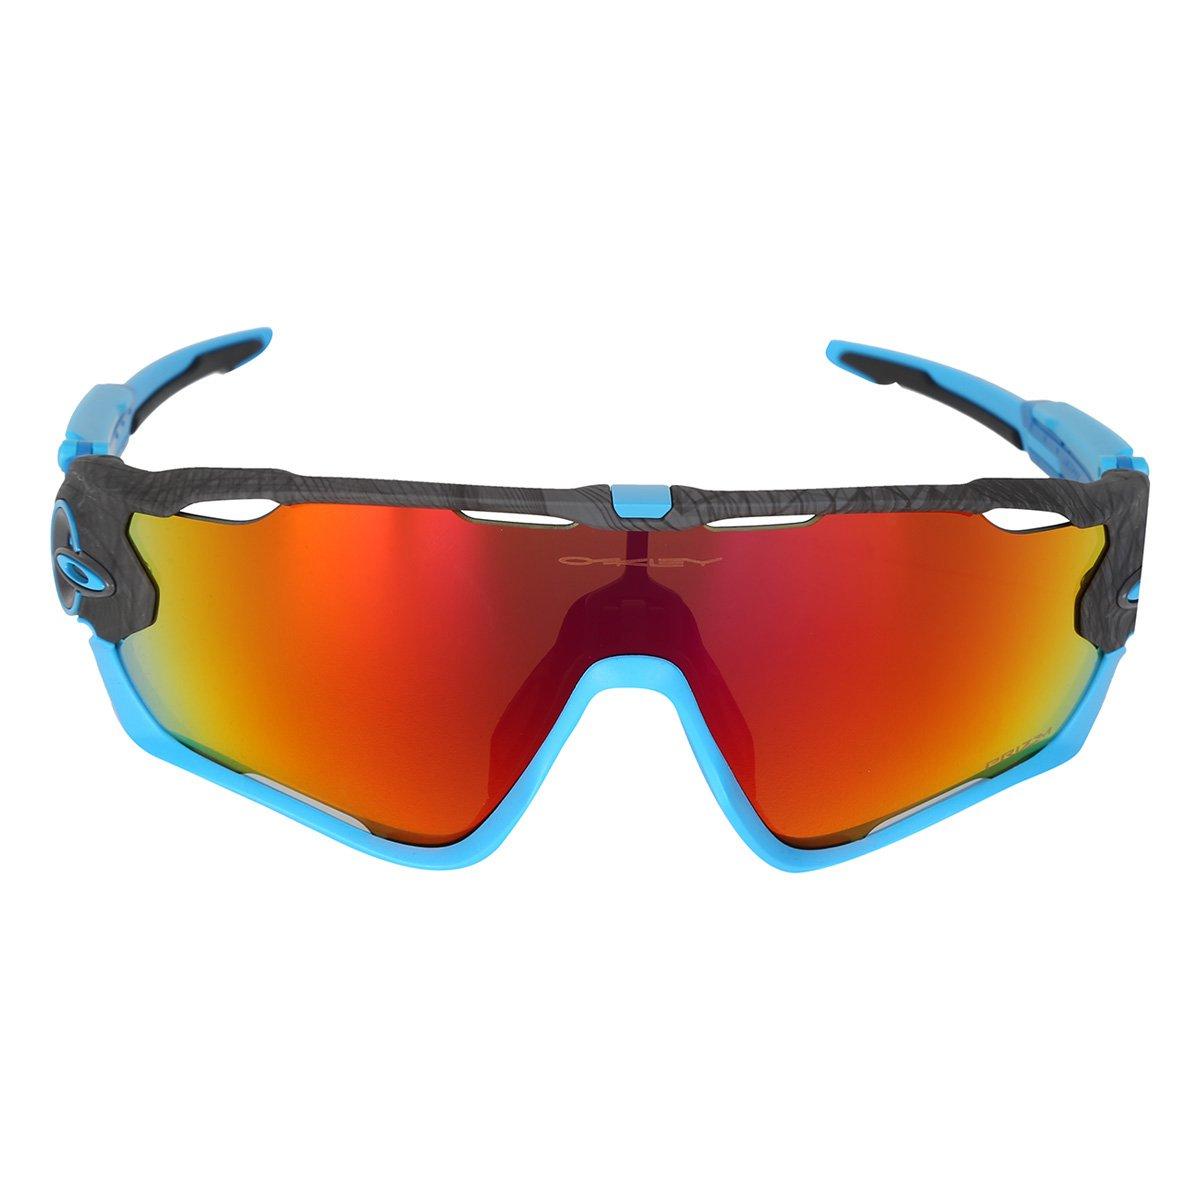 164a714d82 Óculos Oakley Jawbreaker Prizm  Óculos Oakley Jawbreaker Prizm